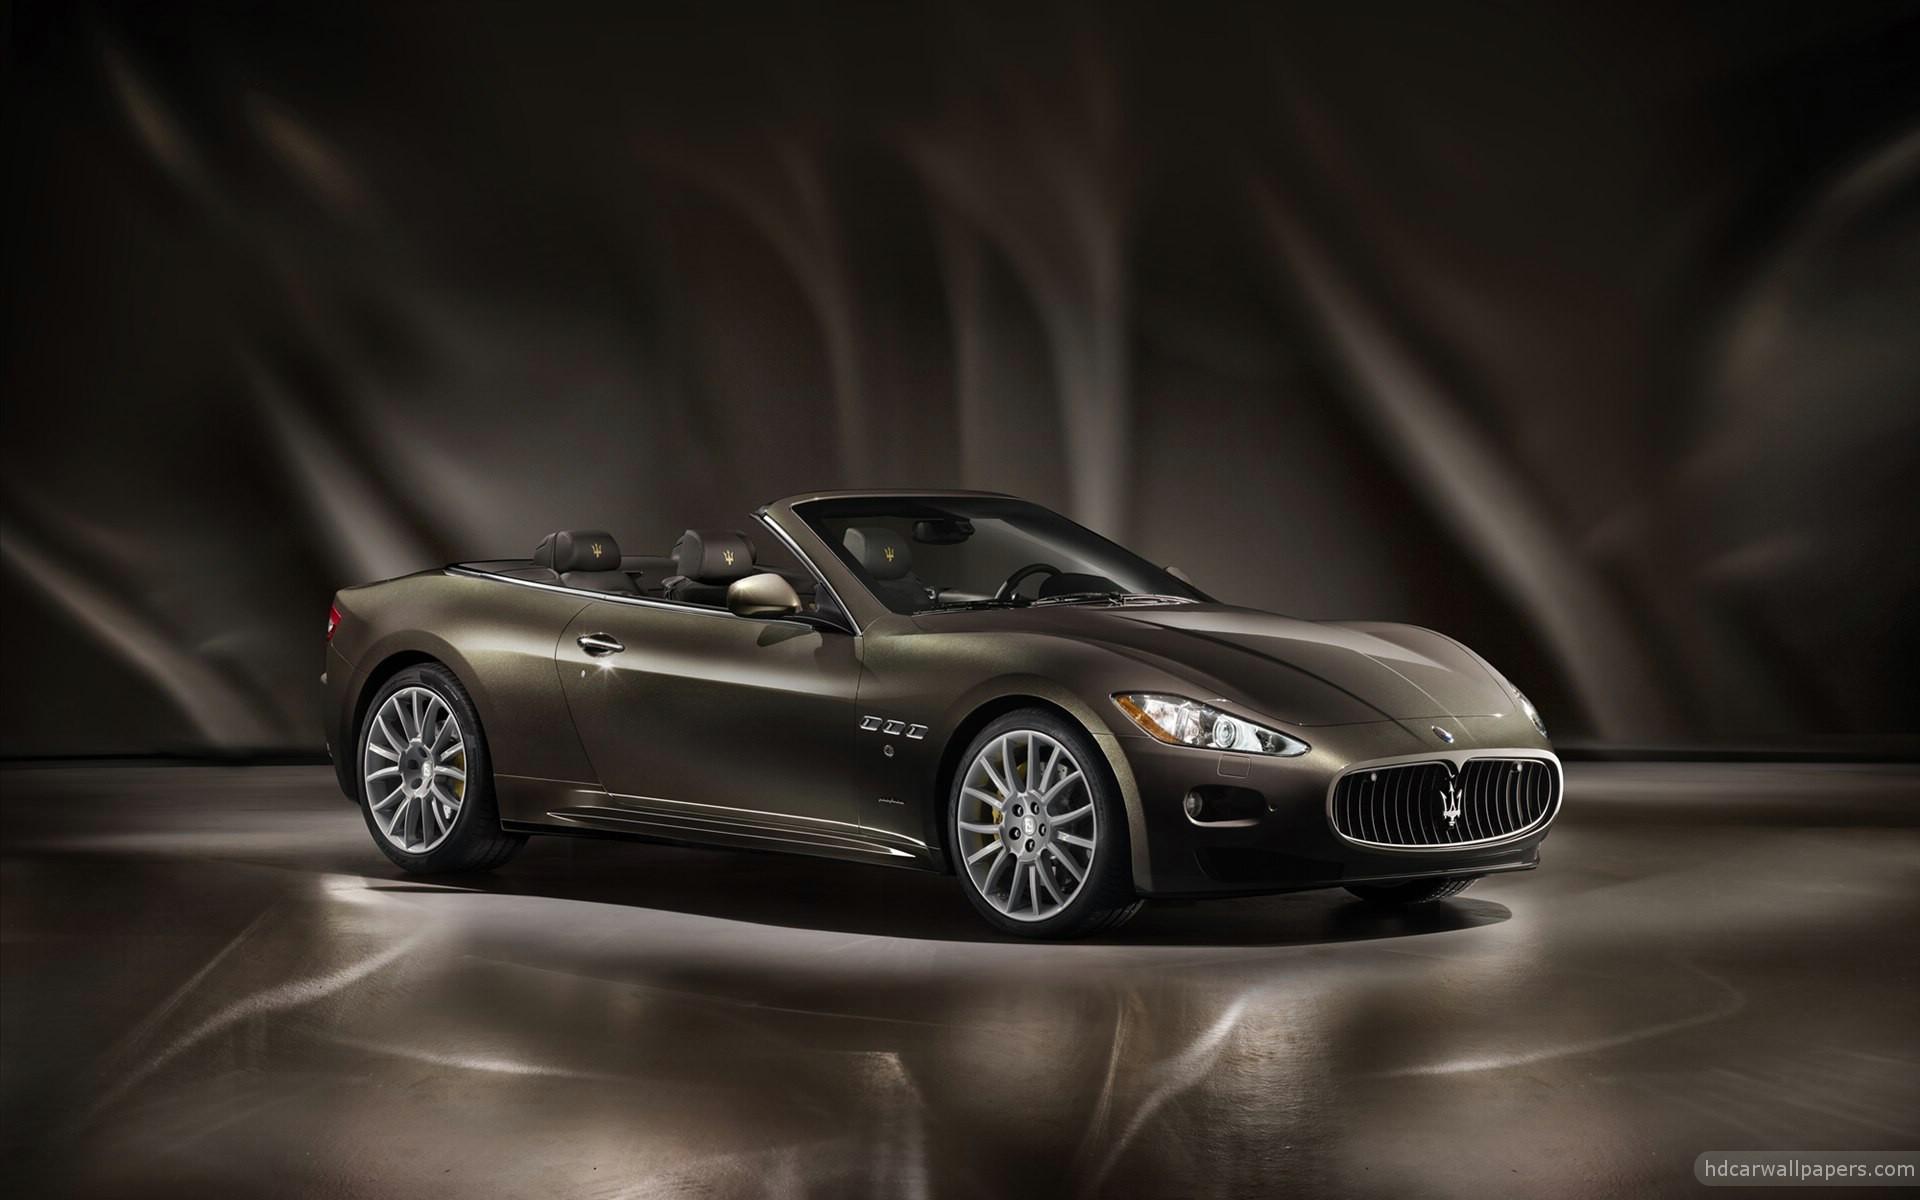 2012 Maserati GranCabrio Fendi Wallpaper HD Car